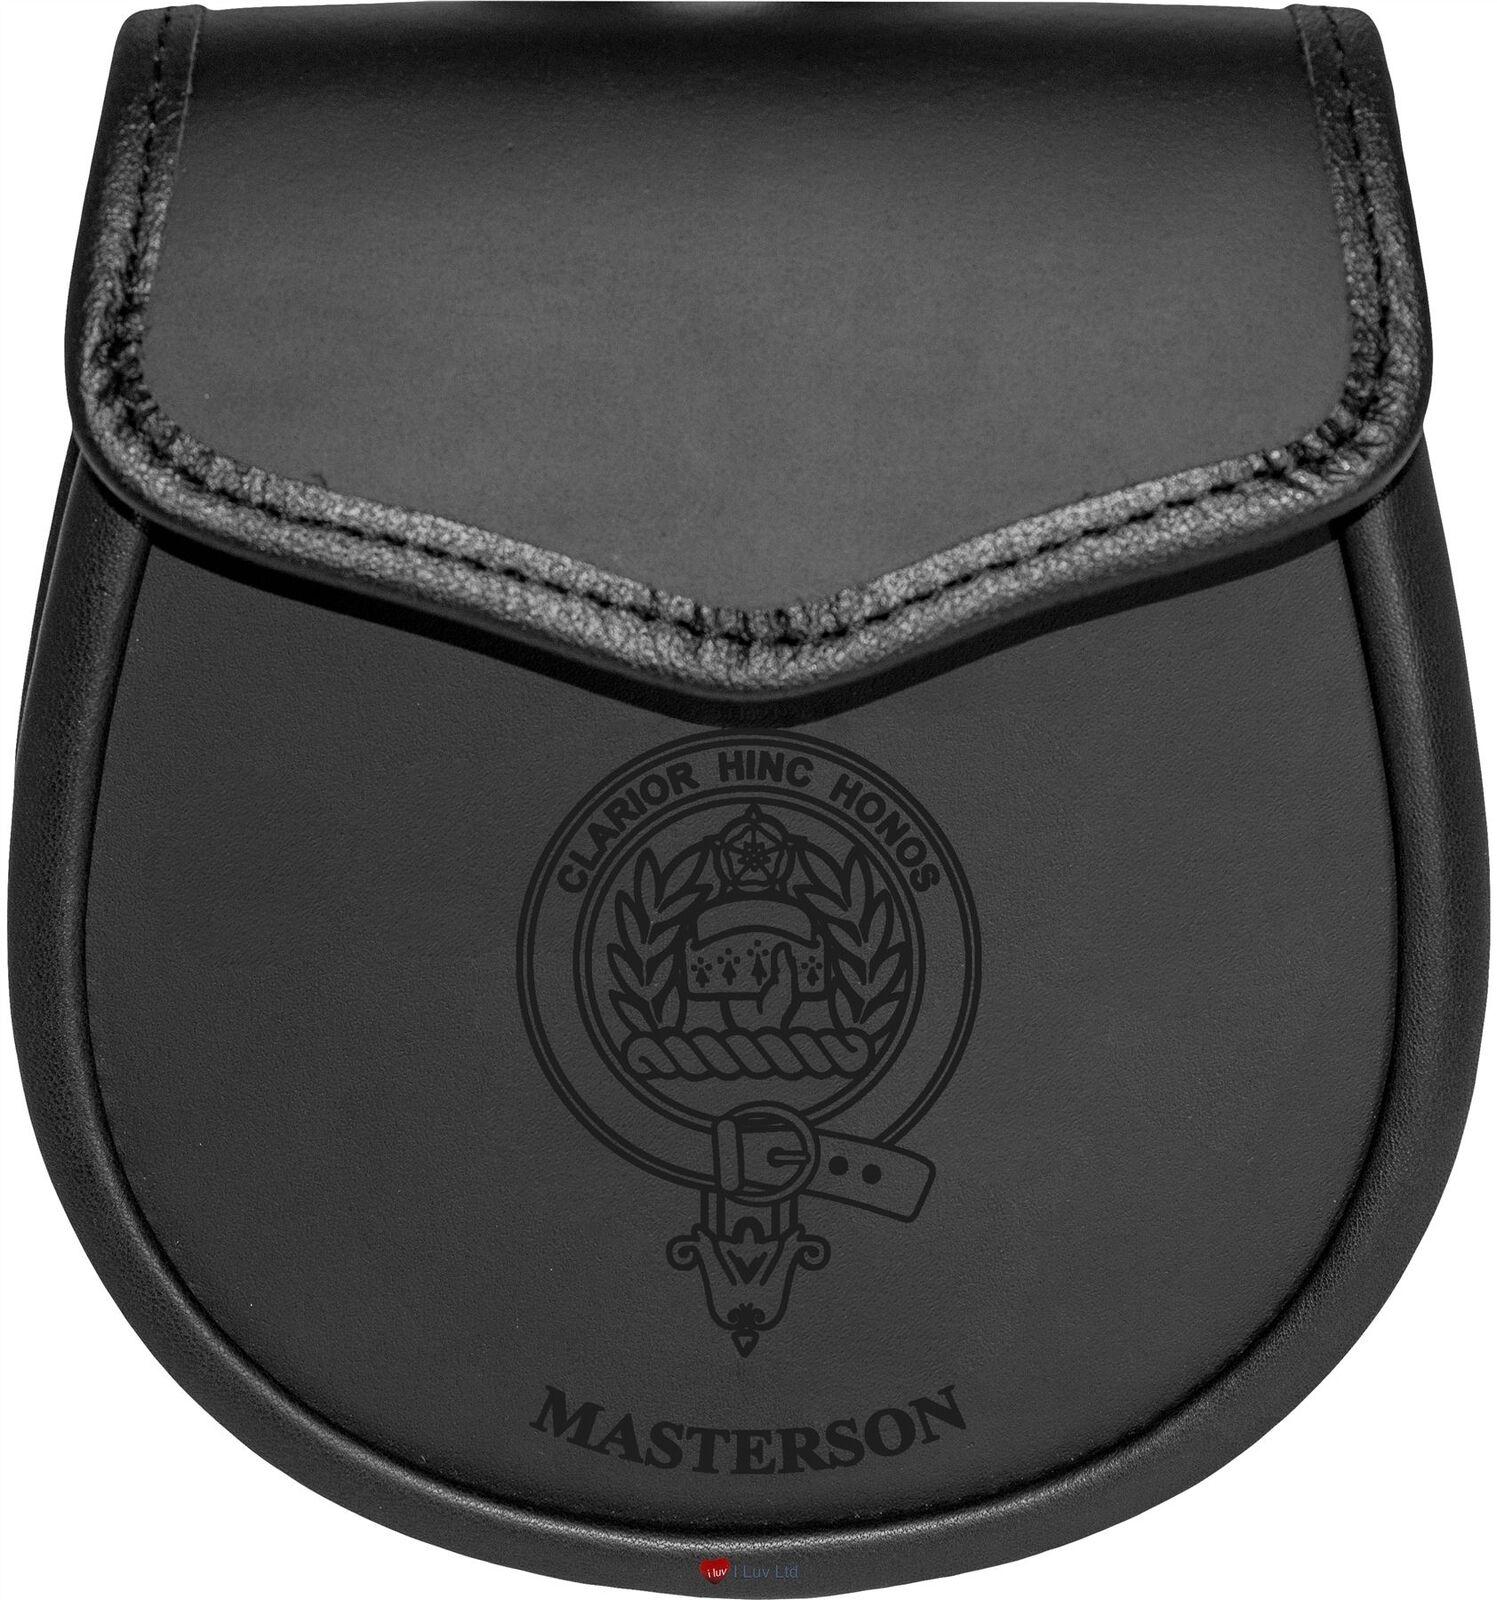 Masterson Leather Day Sporran Scottish Clan Crest